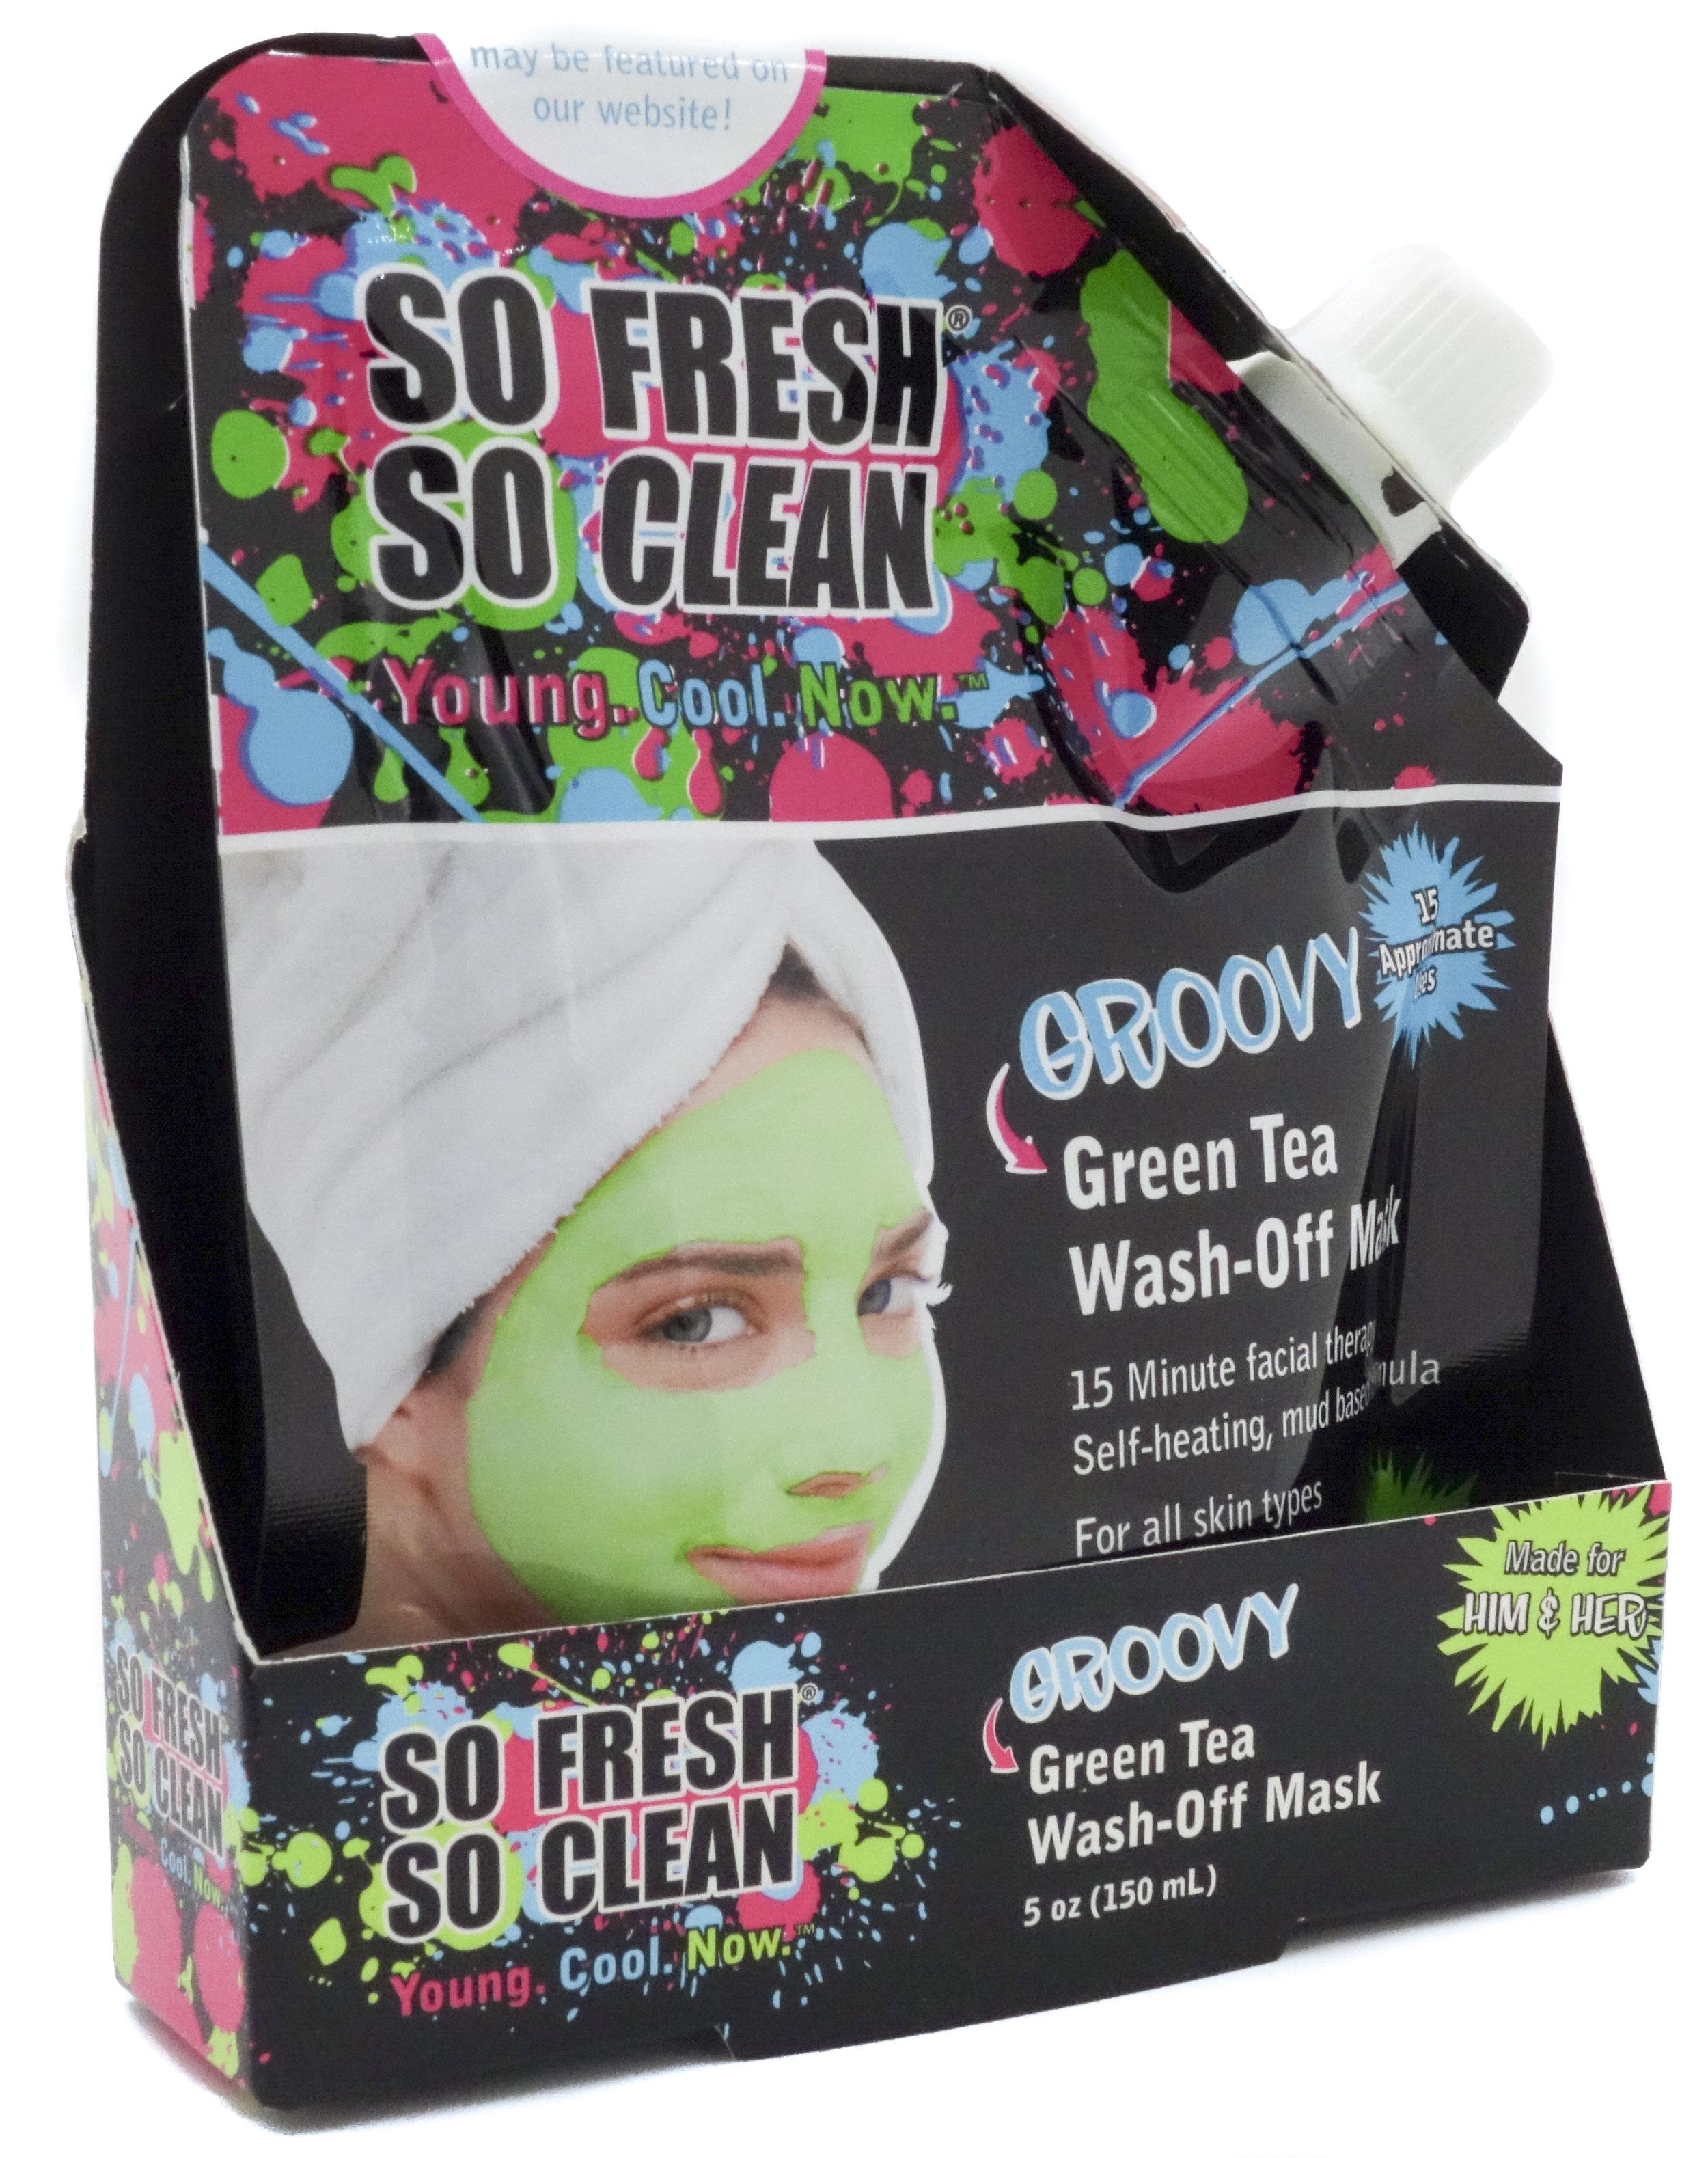 So Fresh So Clean Masks.jpg